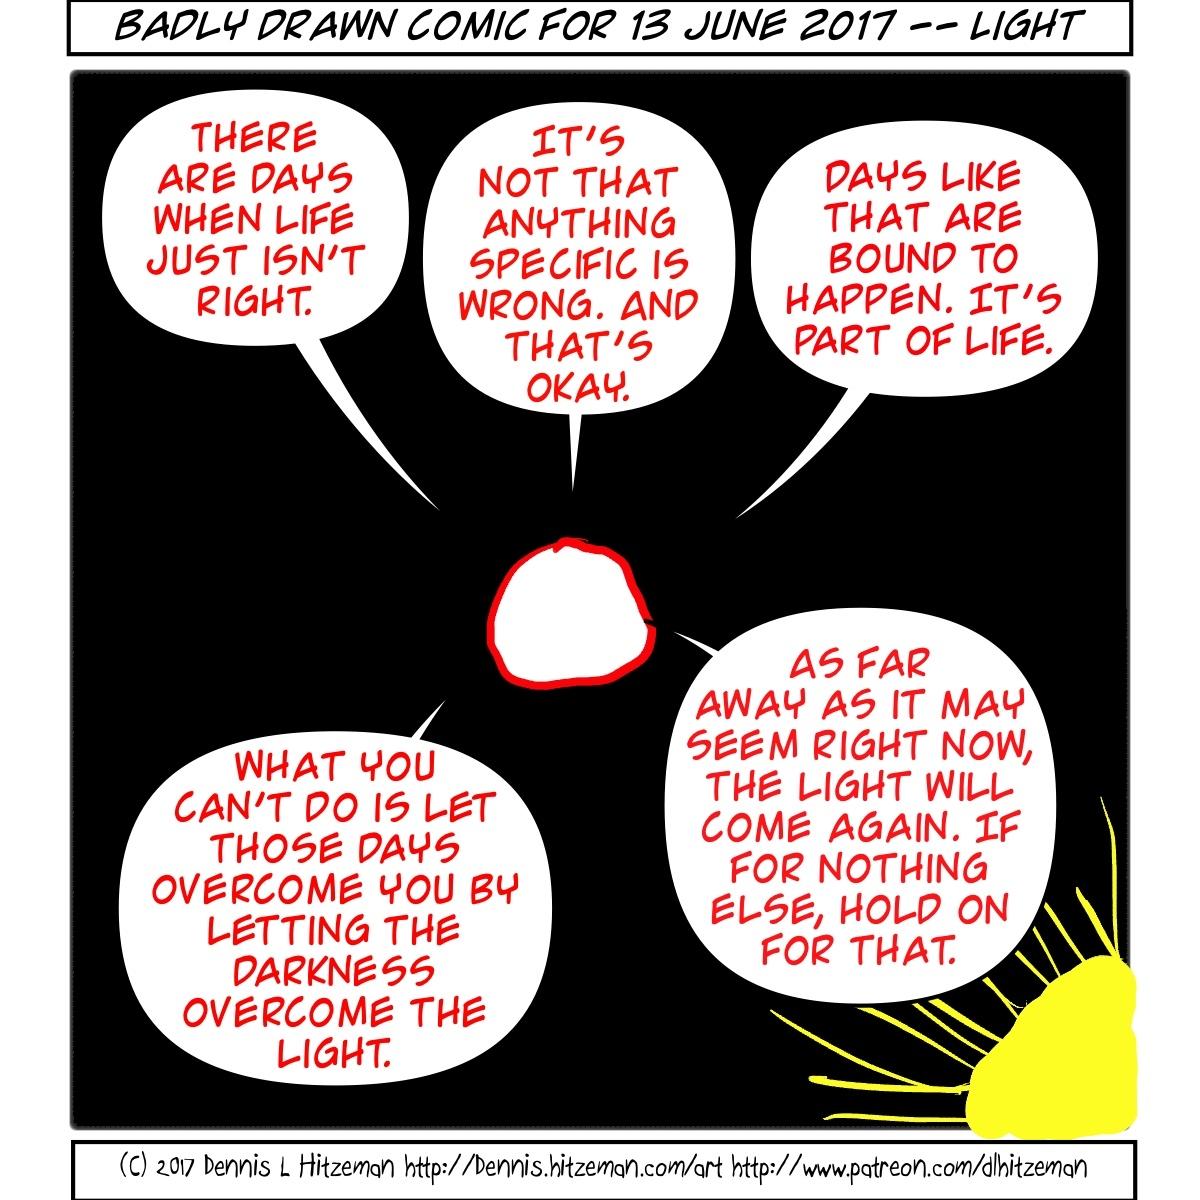 20170613 -- Light (22) Page-01